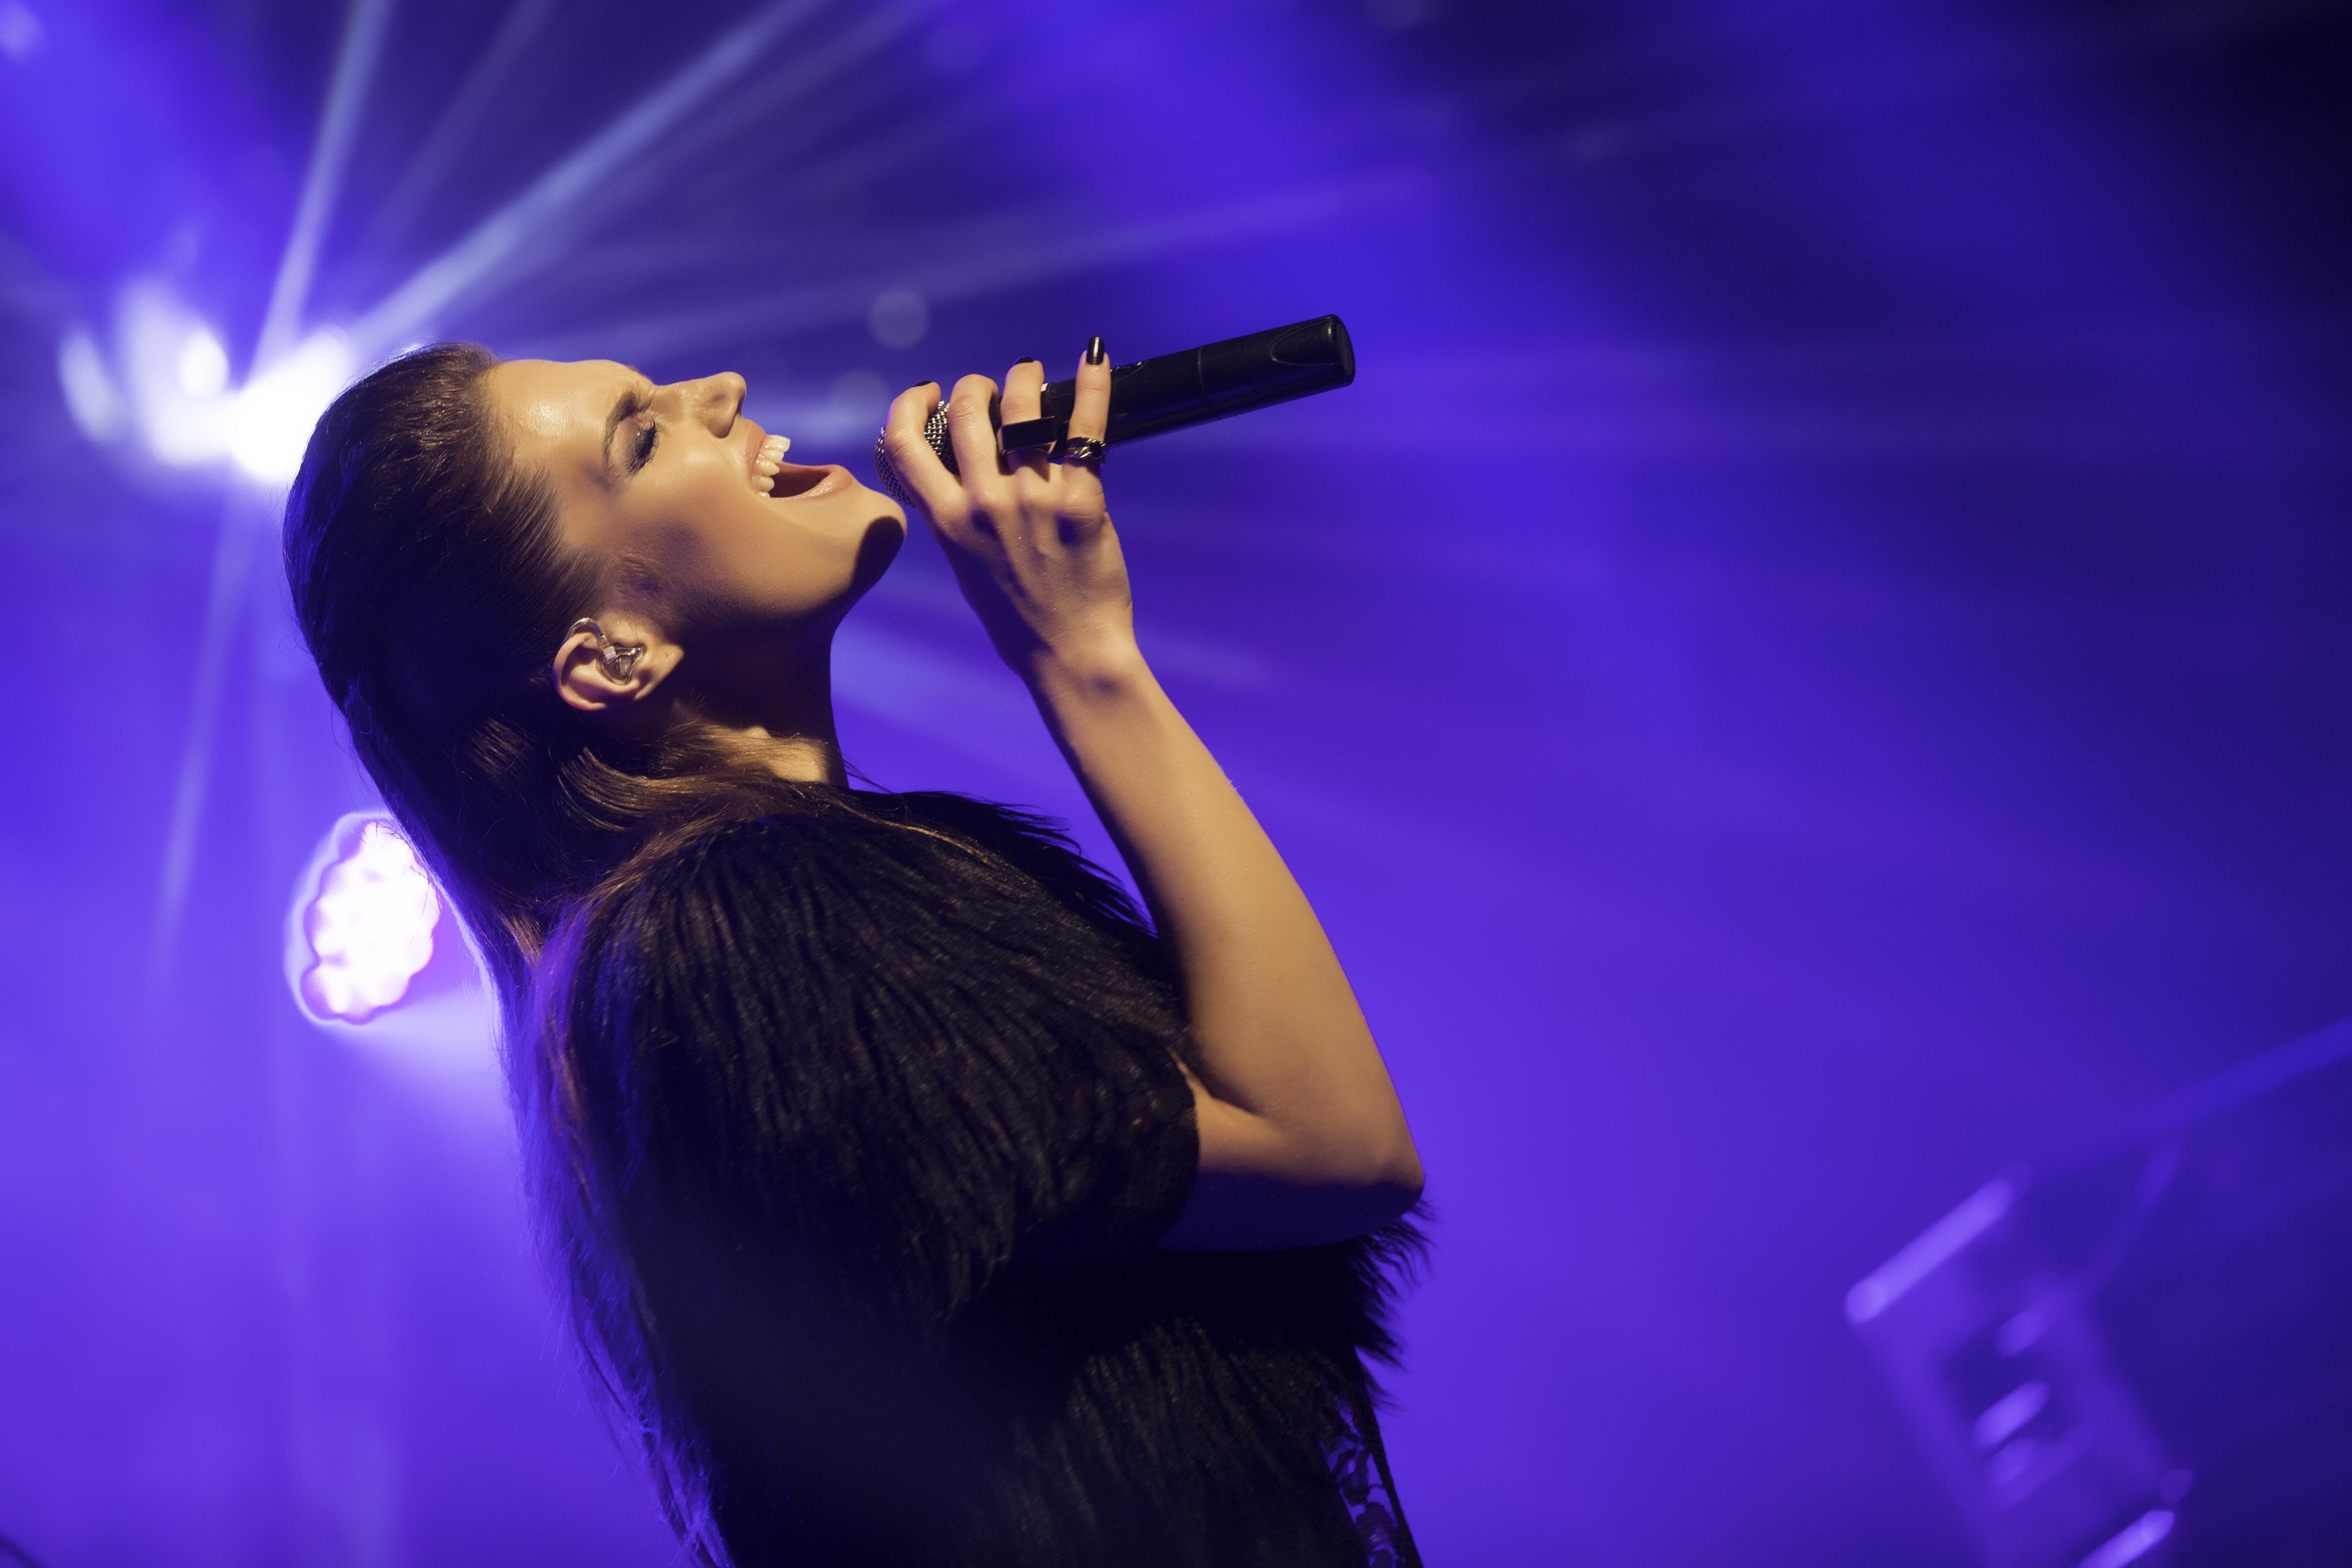 מארינה מקסימיליאן בהופעה